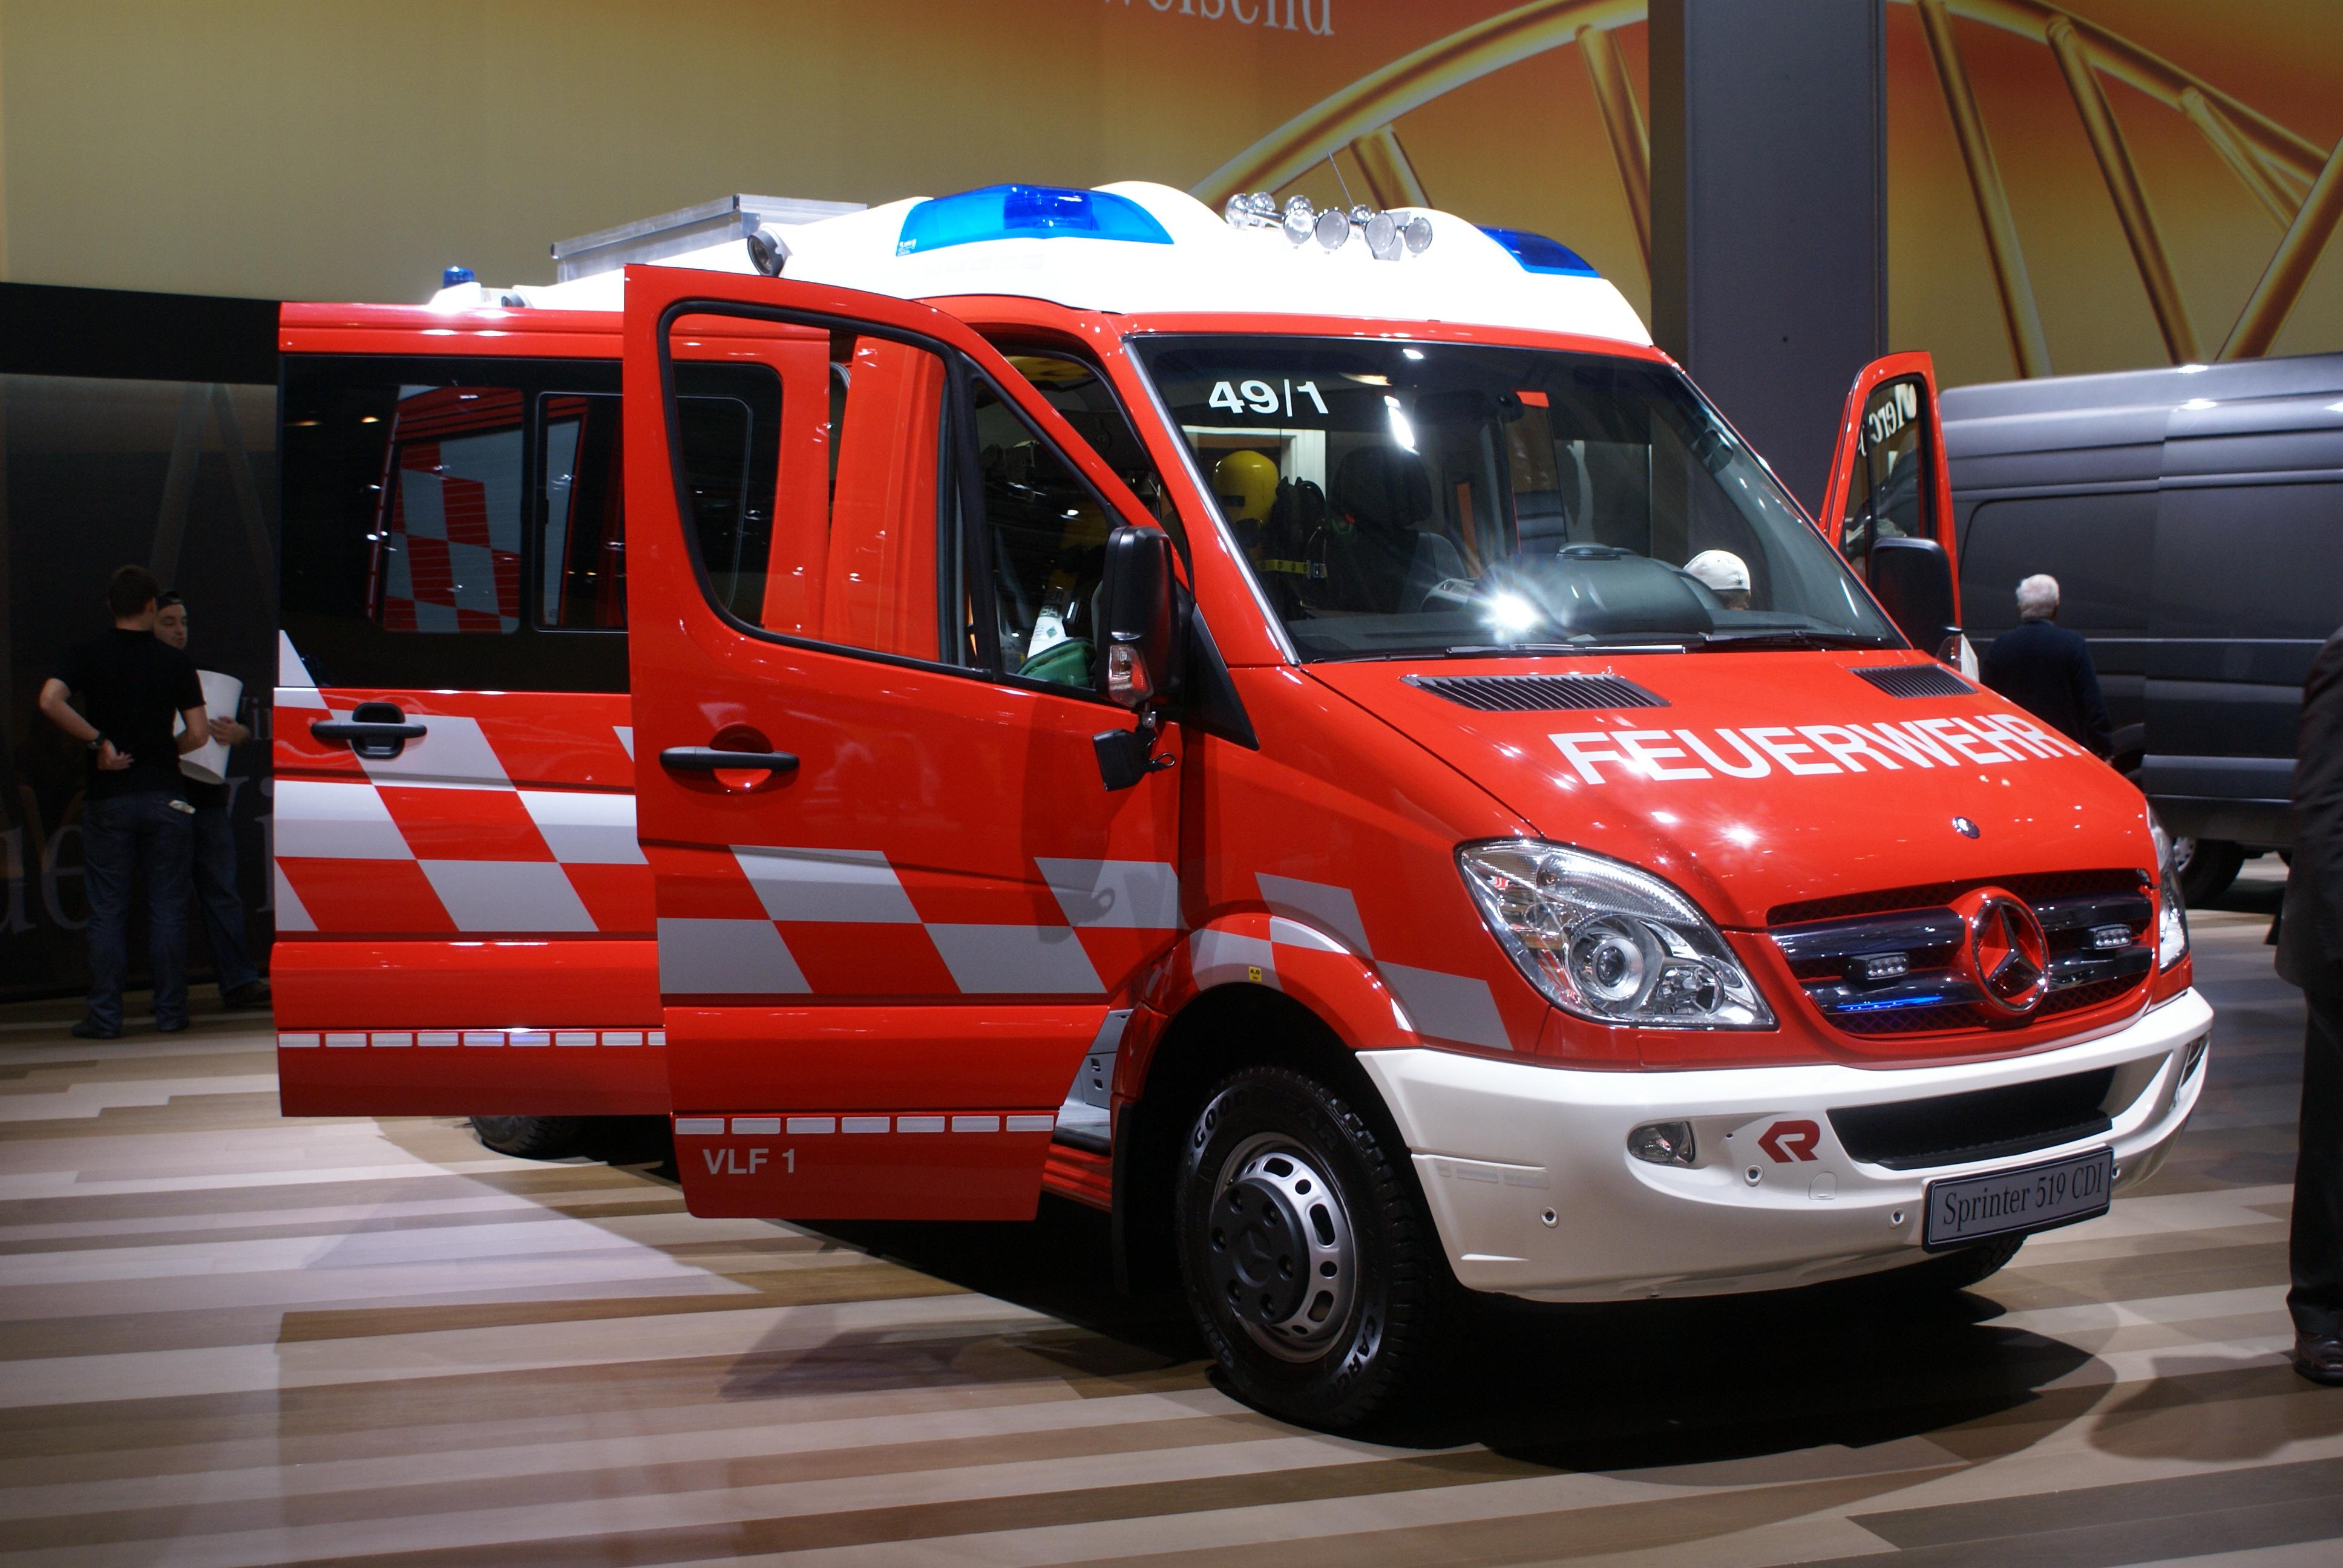 Mercedes Benz Engine History >> File:Mercedes-Benz Sprinter Feuerwehr IAA 2010.JPG ...